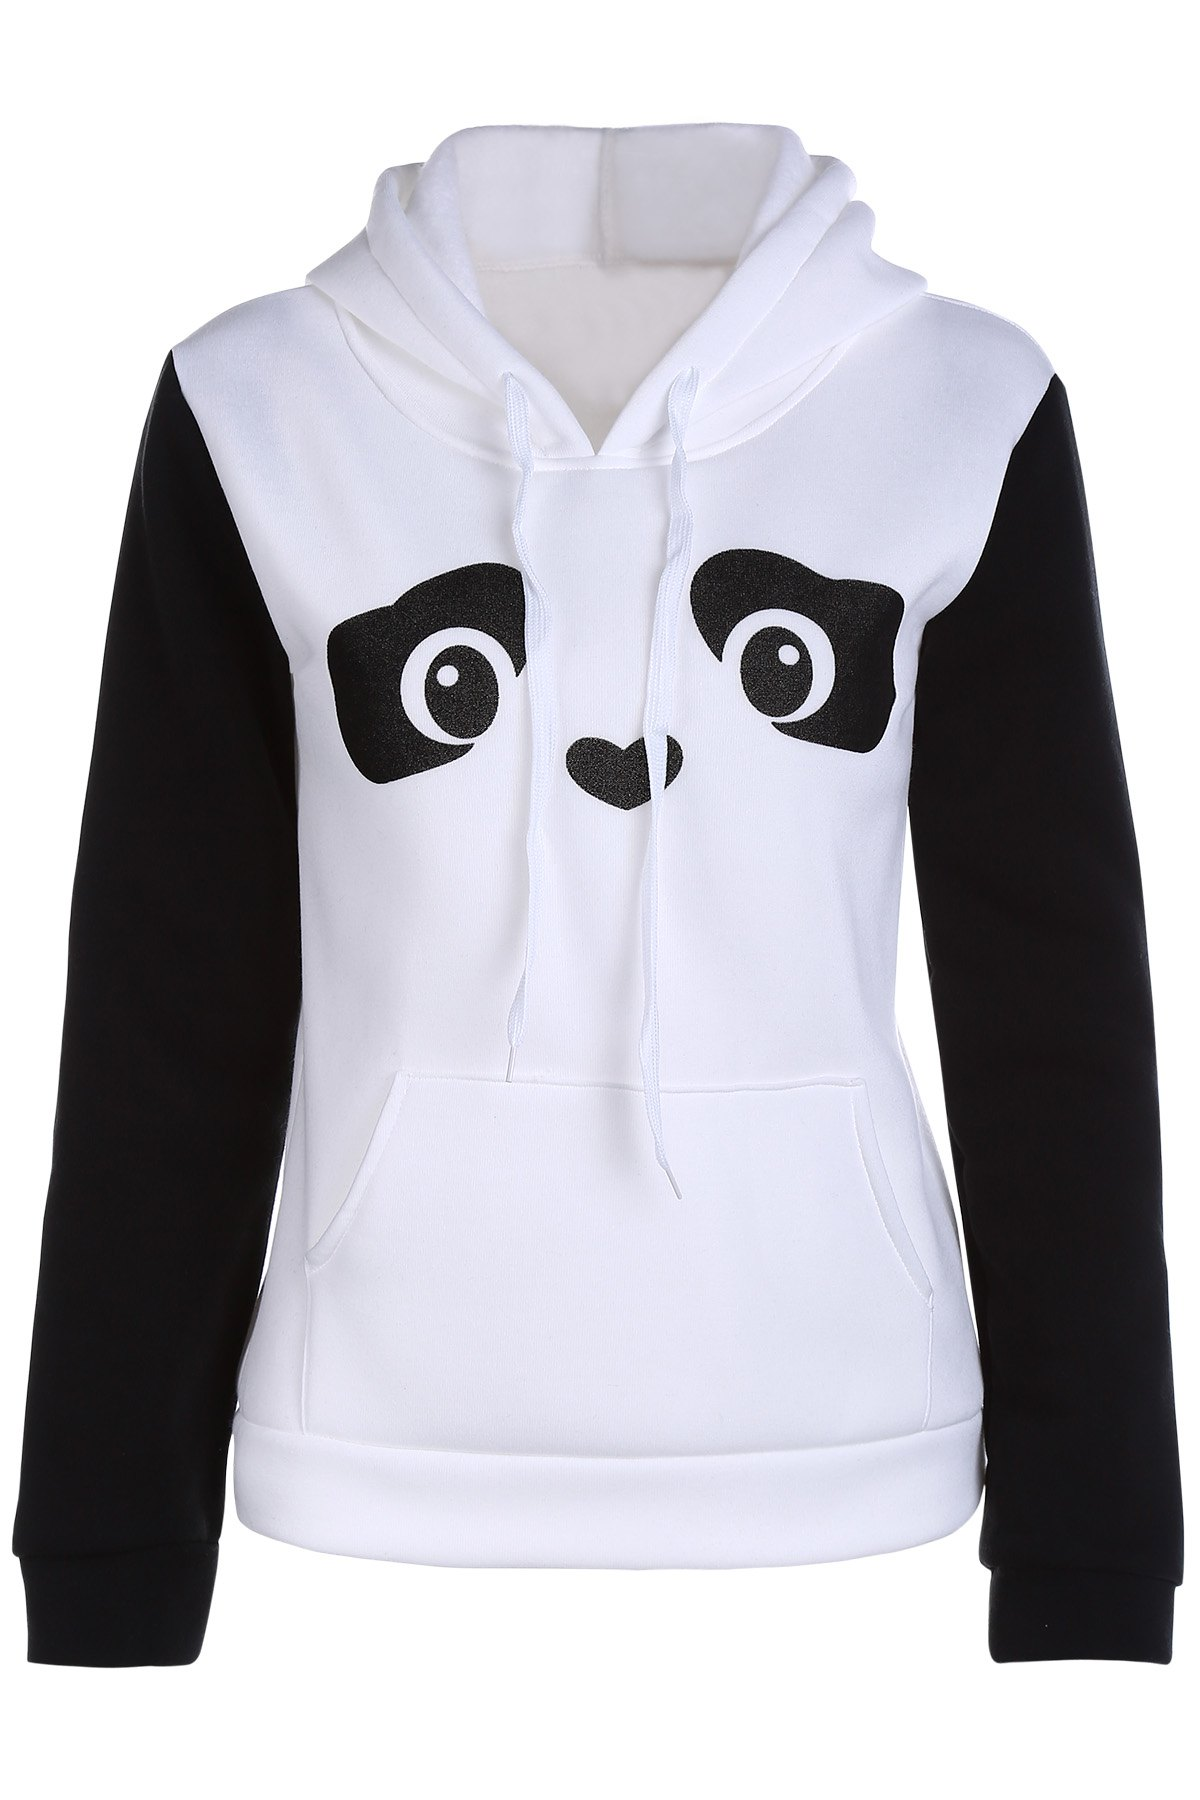 Panda Pattern Hooded Long Sleeve Hoodie